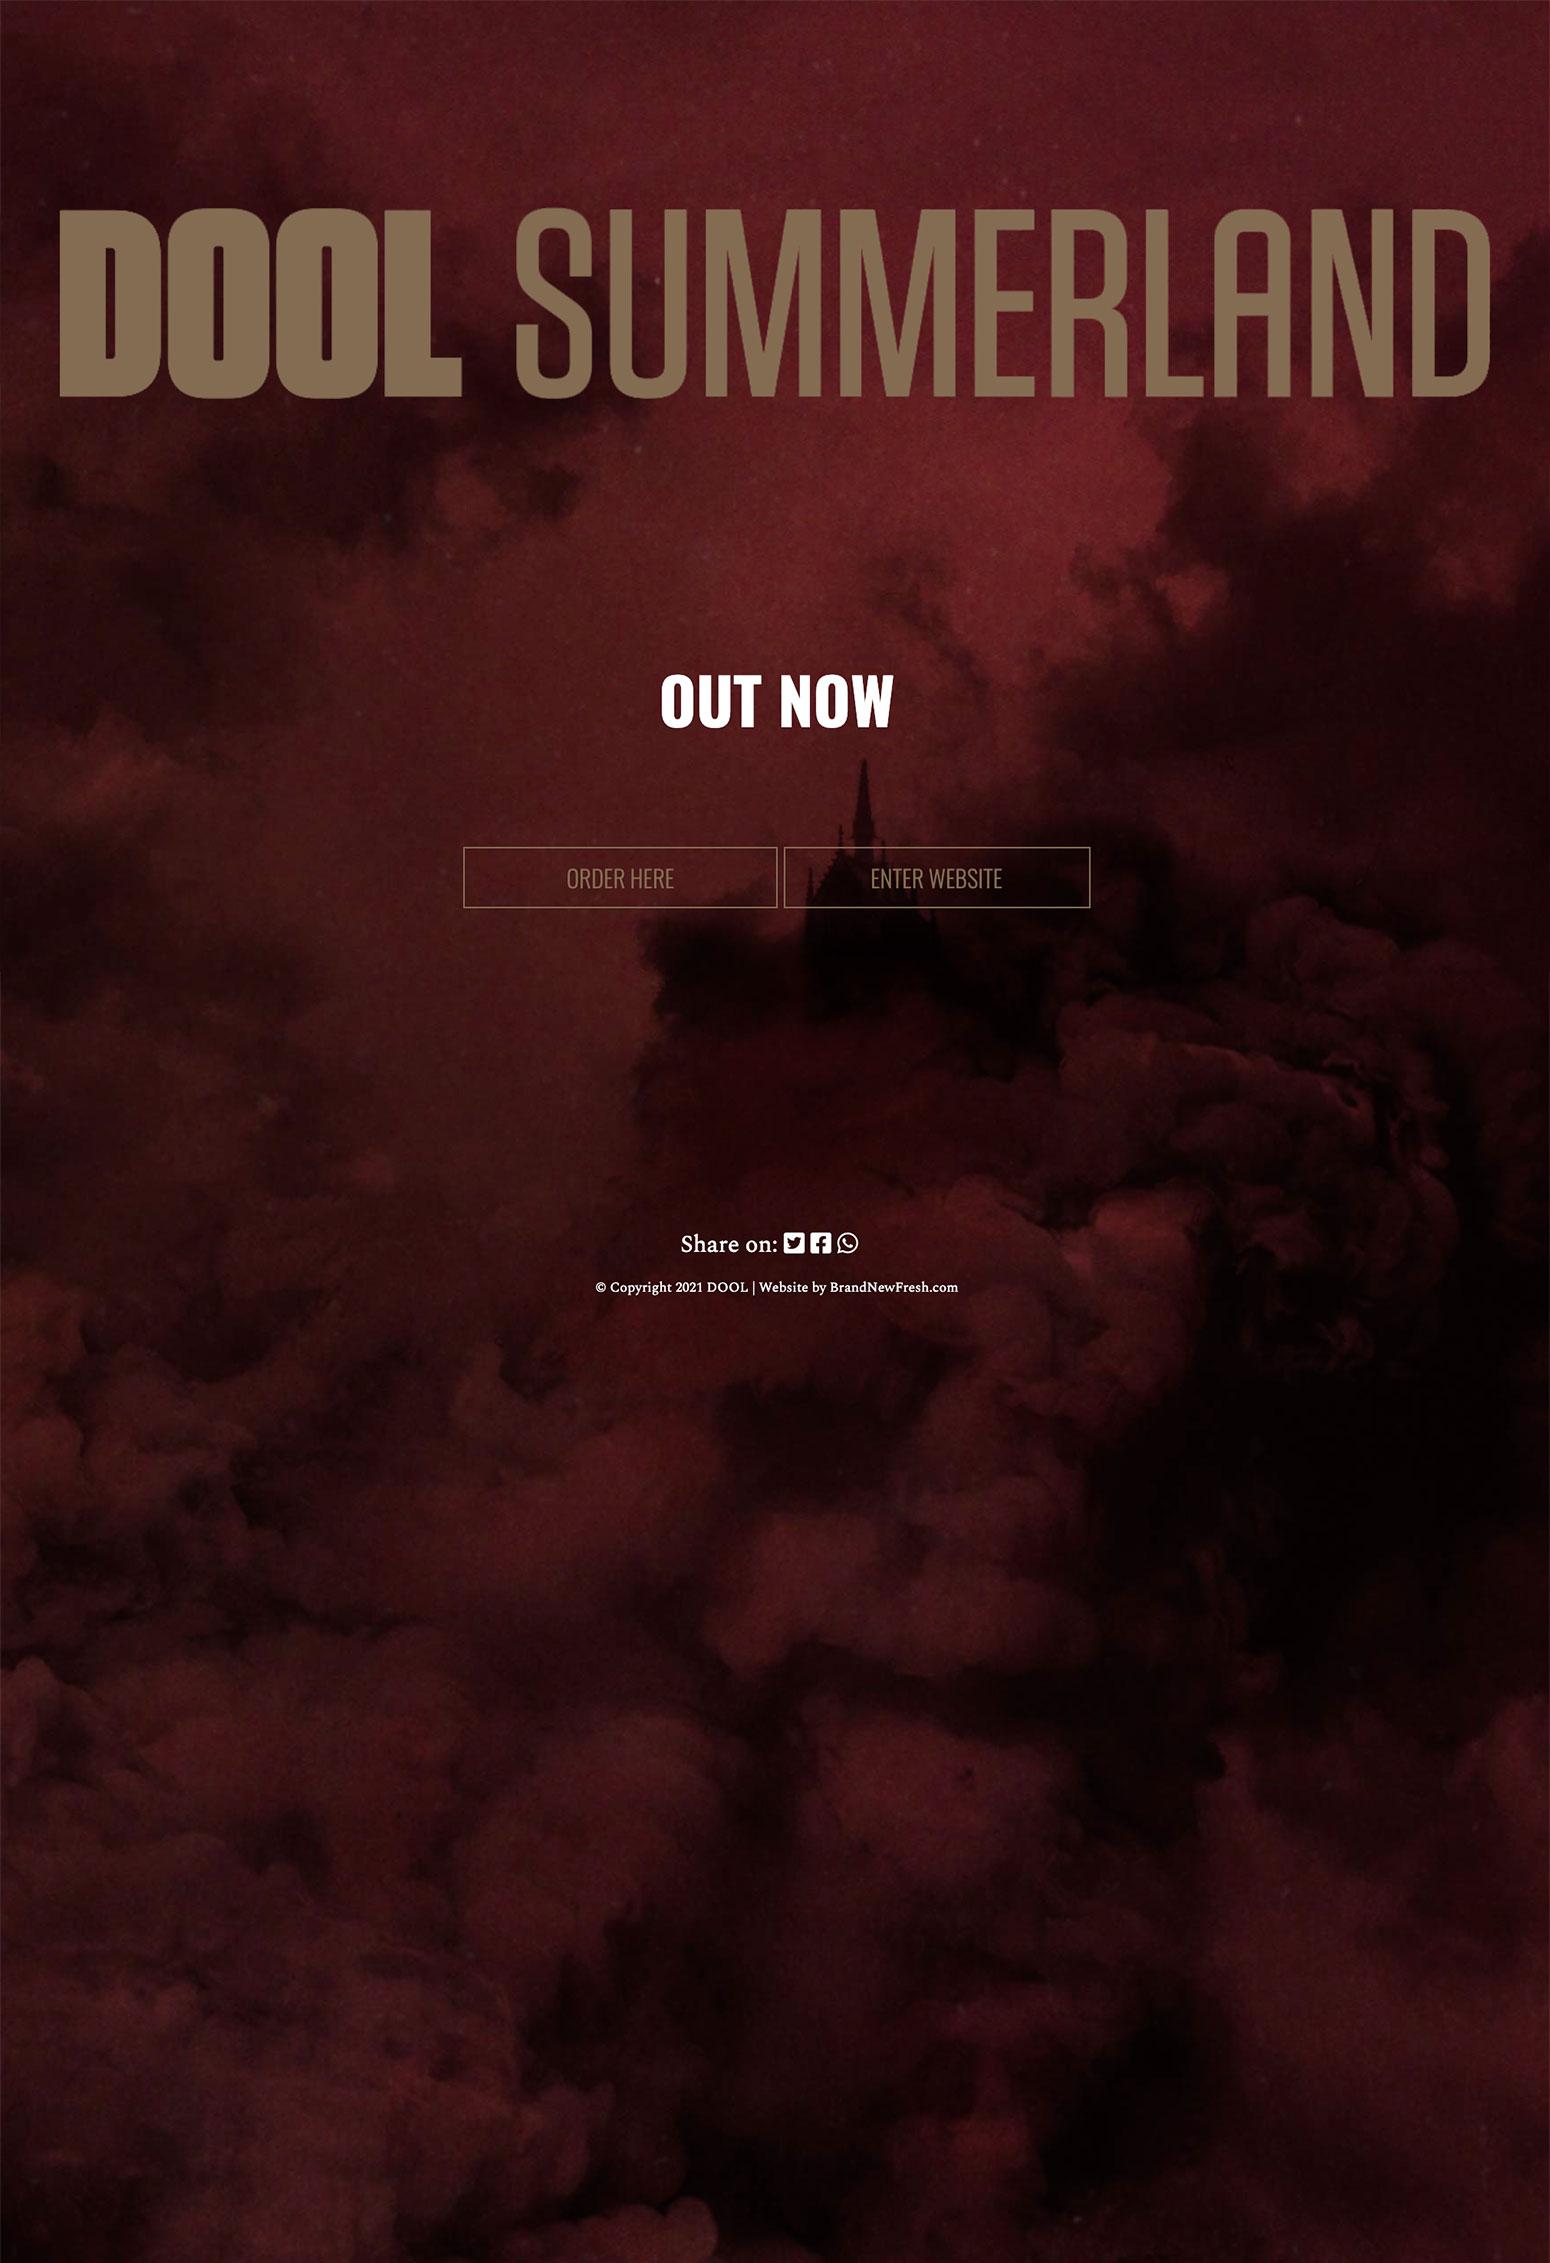 Website voor Dool Summerland door BrandNewFresh